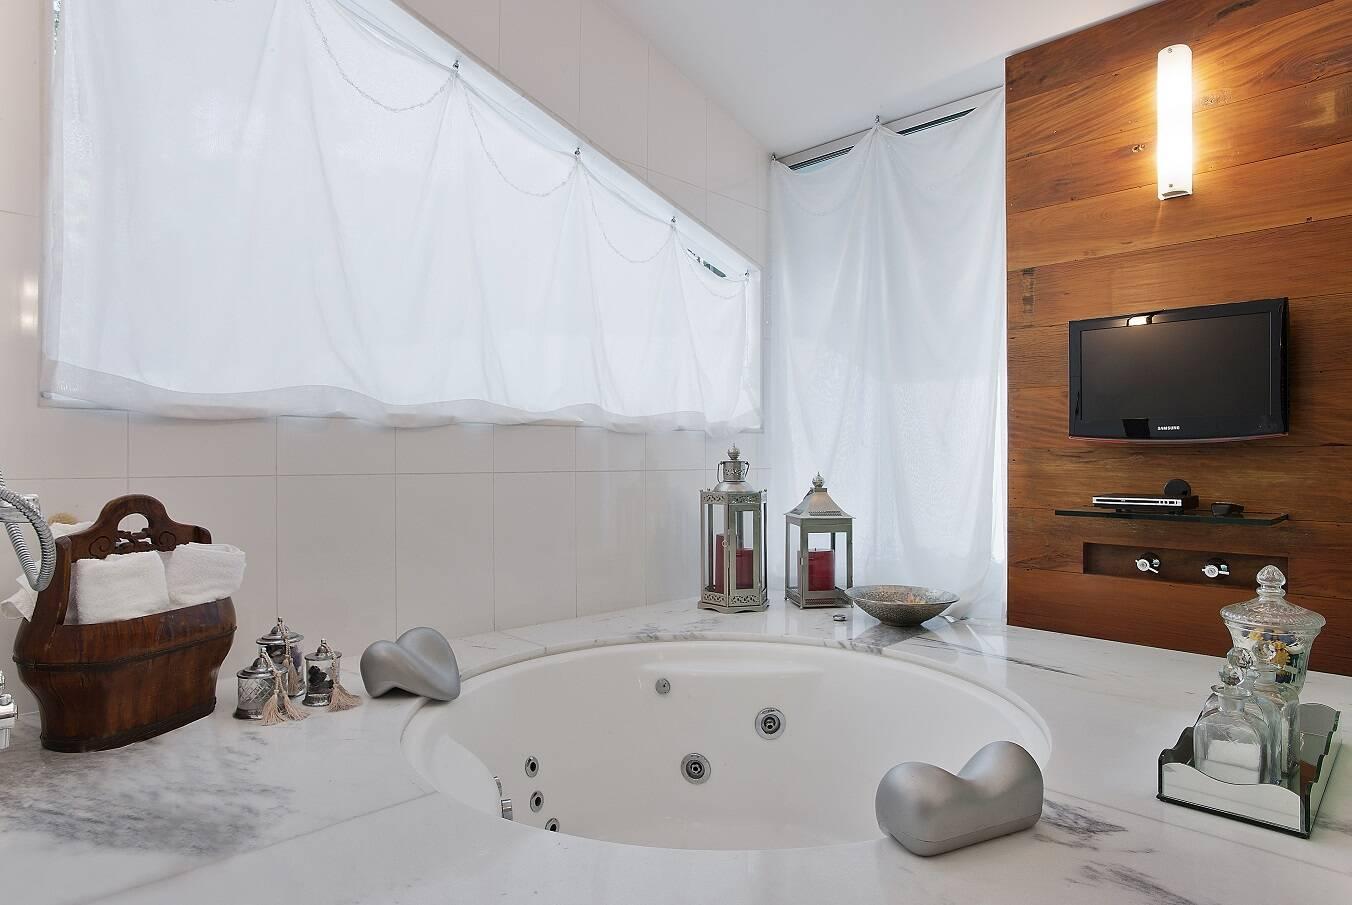 Projeto de Fernanda Andrade mostra opçõa de banheira; veja. Foto: Fernanda Andrade